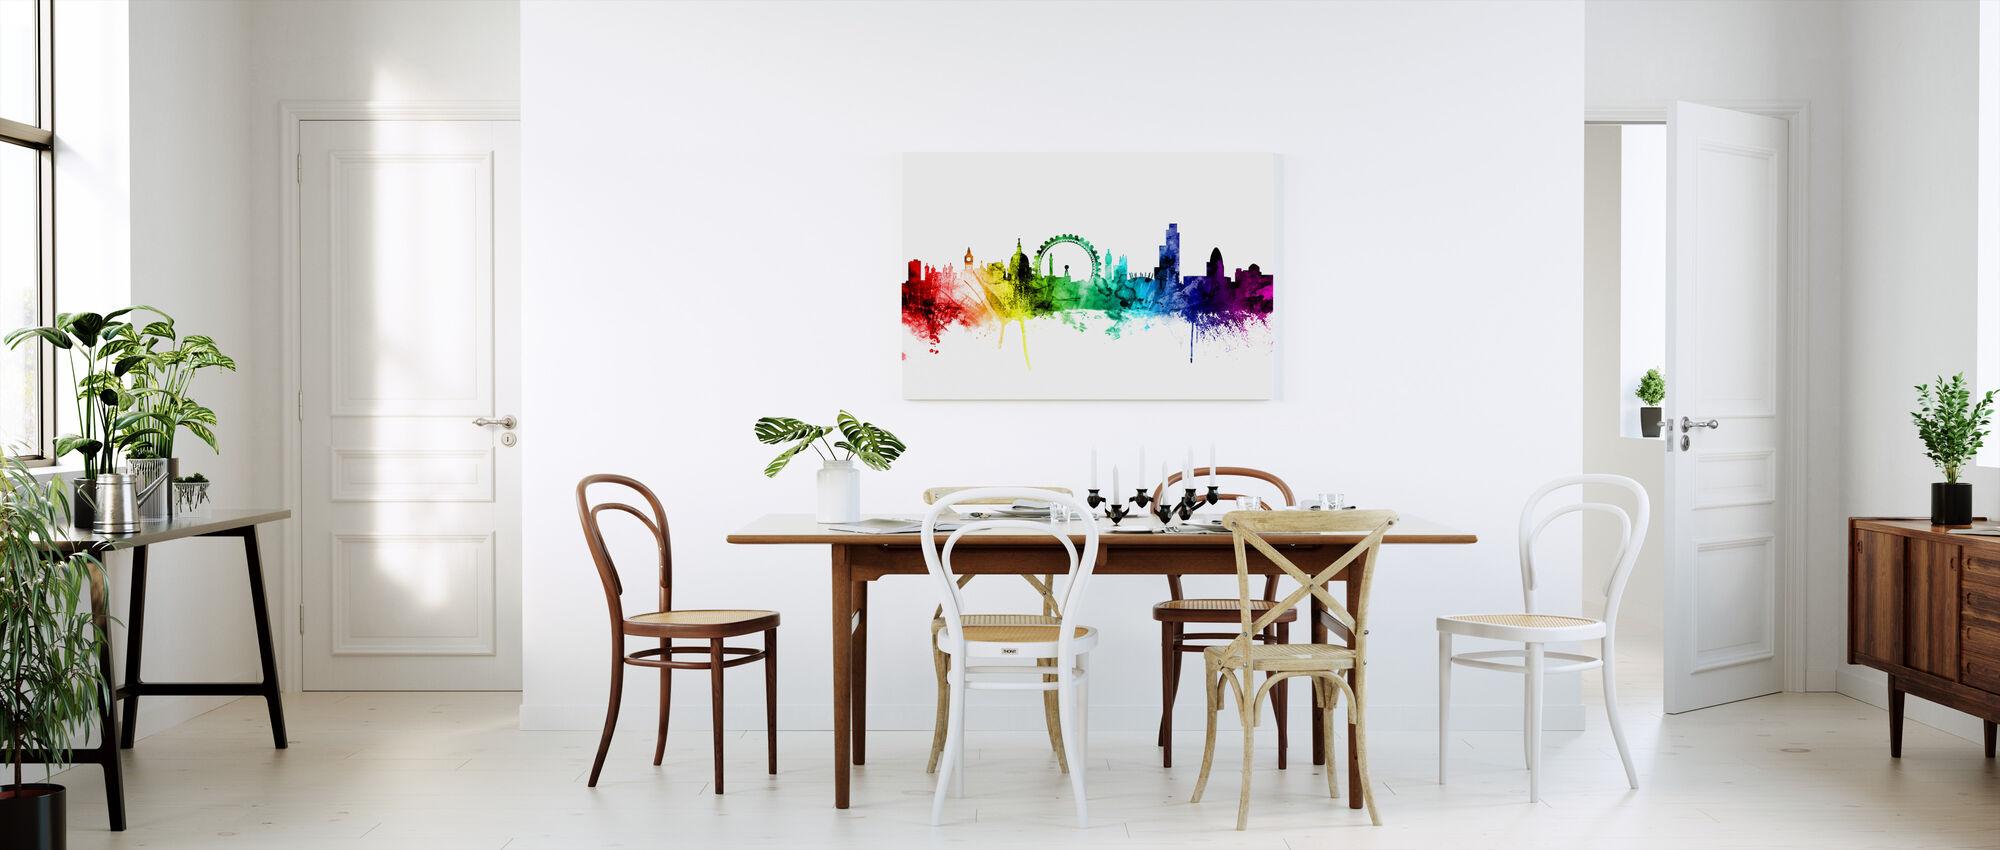 London Skyline Rainbow 2 - Canvas print - Kitchen